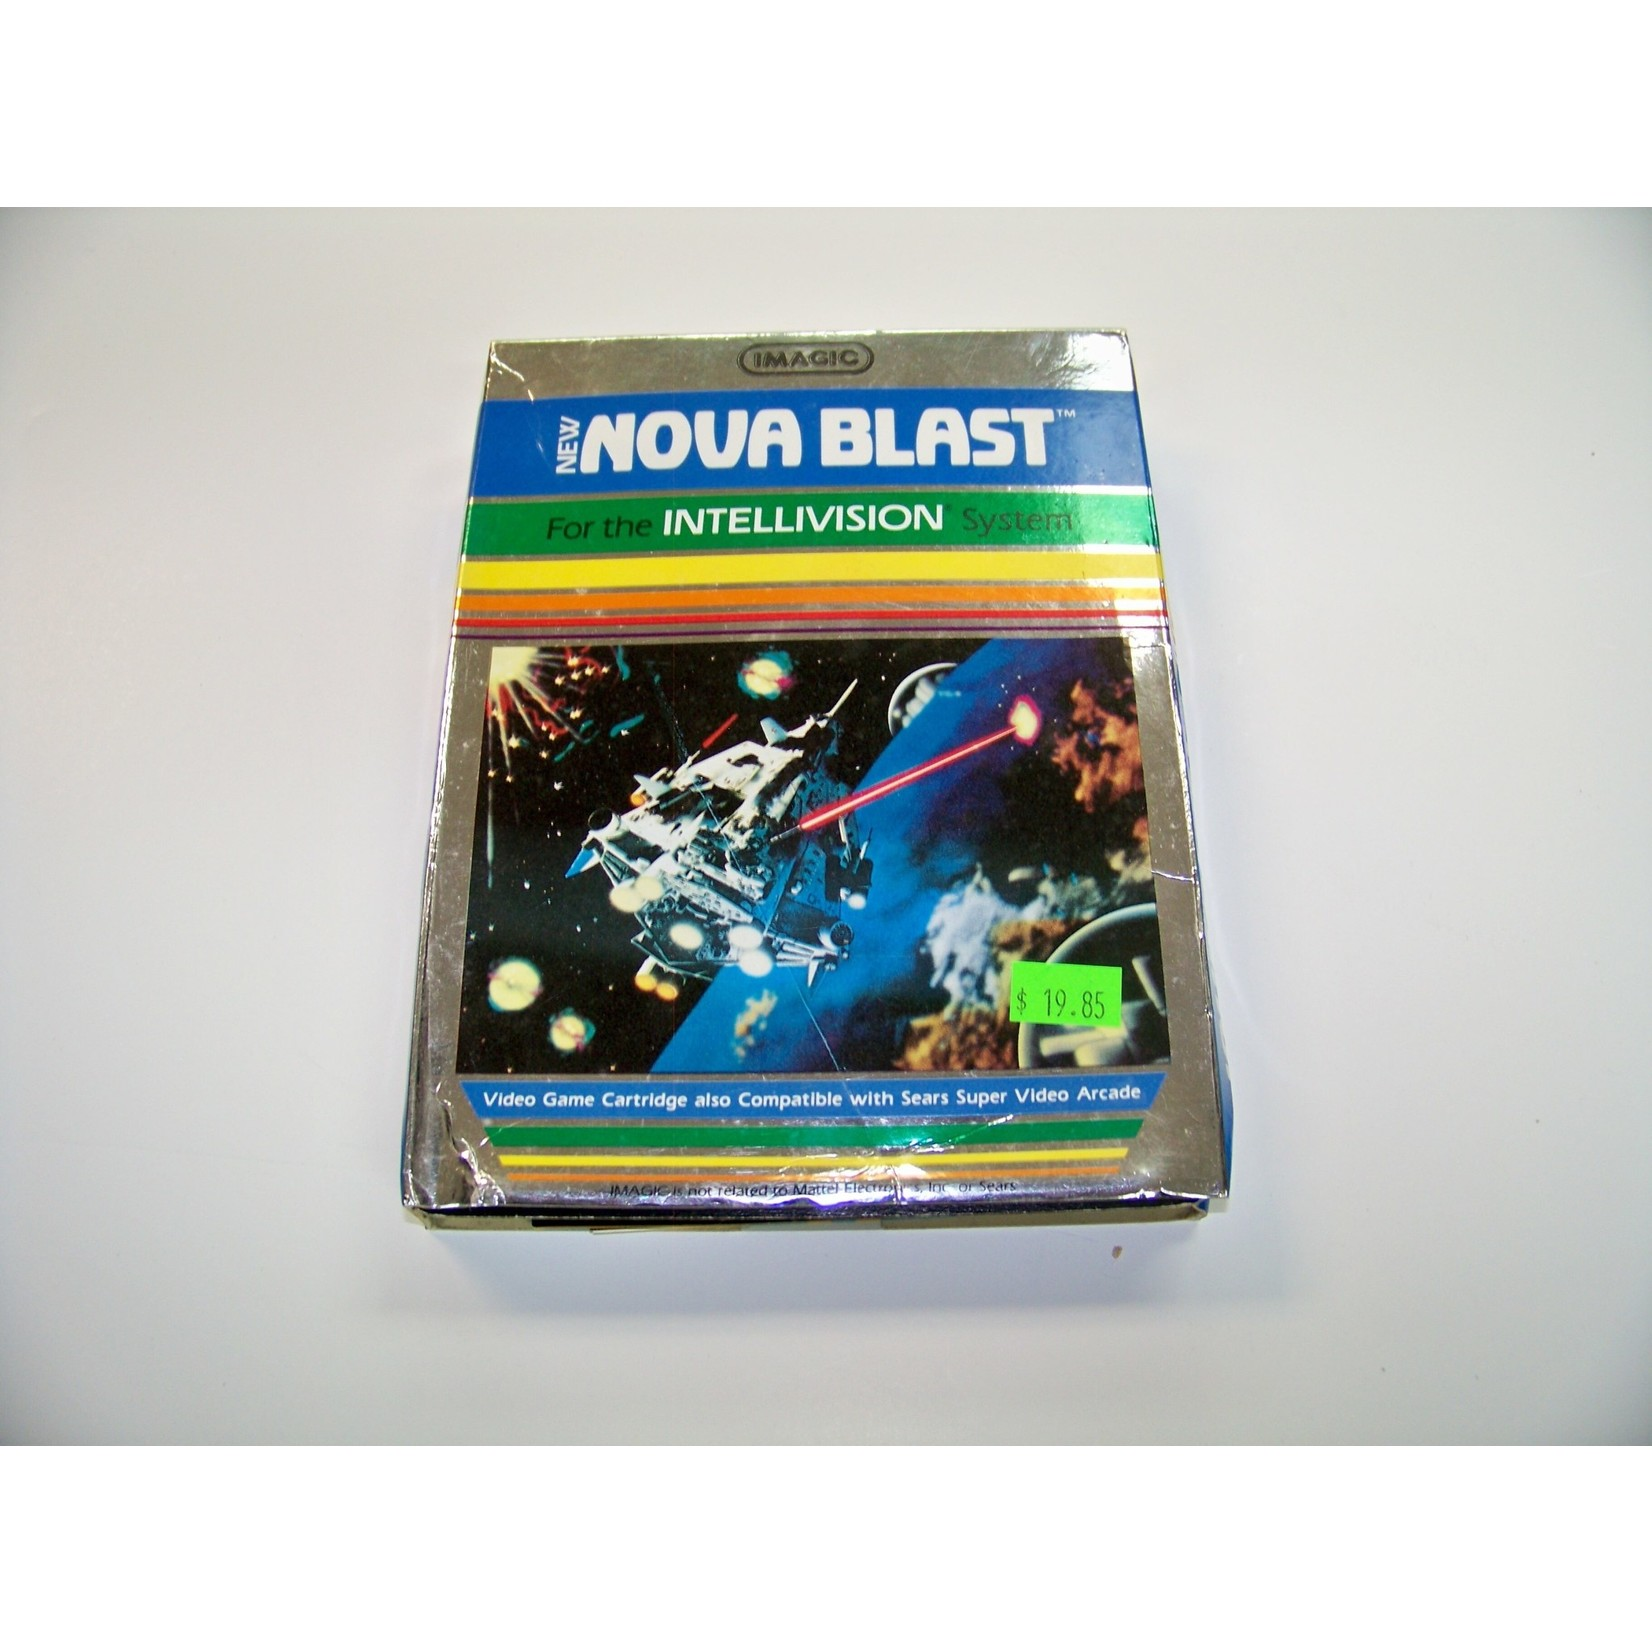 itvu-Nova Blast (in box)